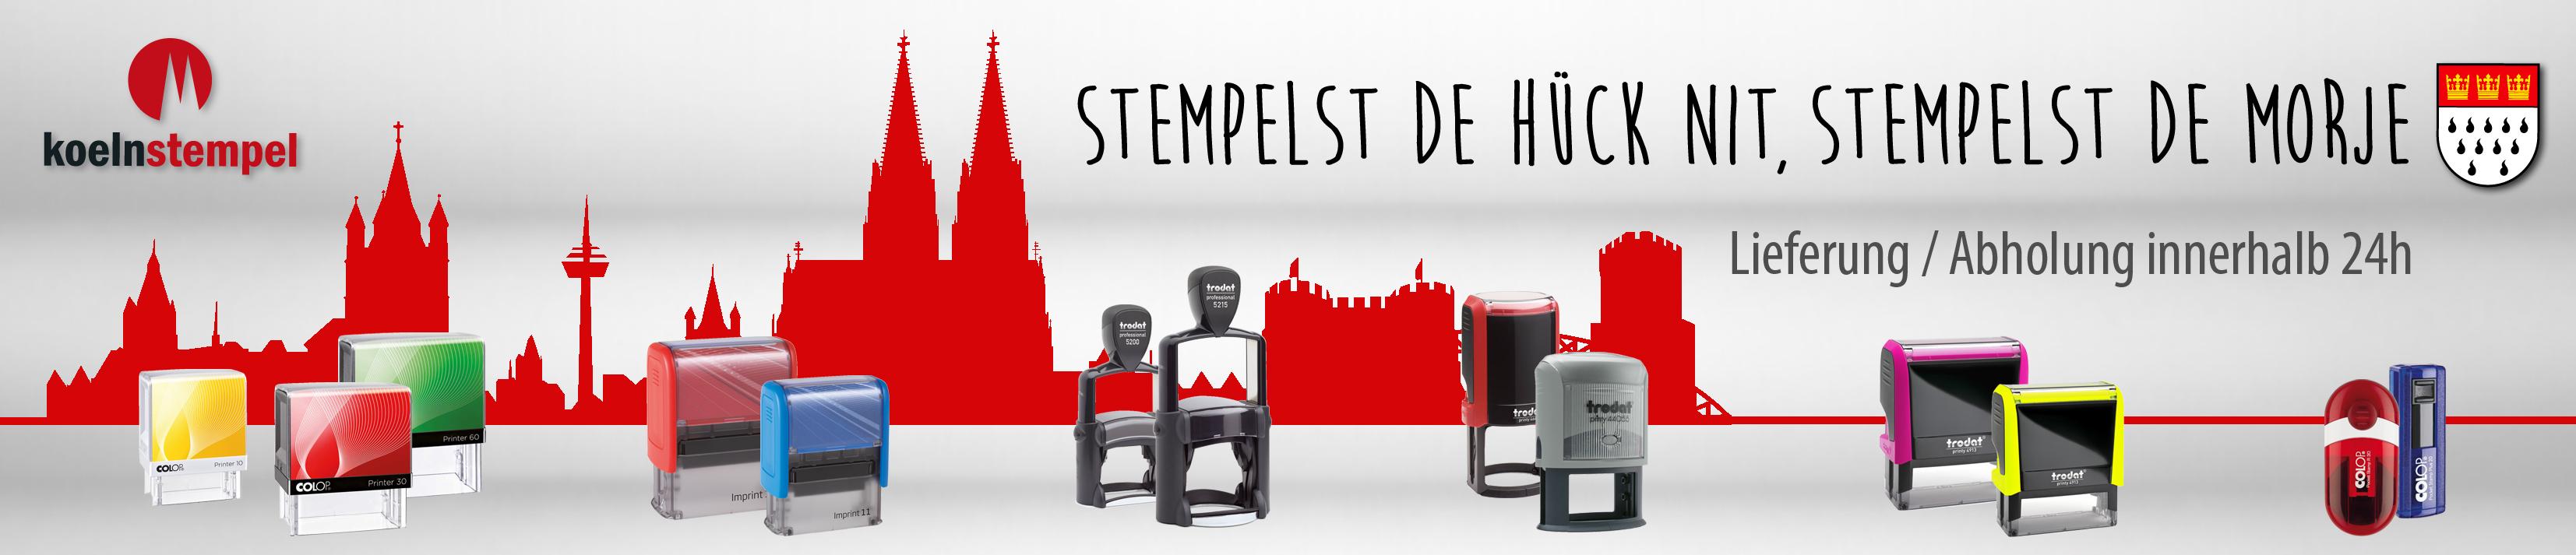 stempel online bestellen l 24 h service. Black Bedroom Furniture Sets. Home Design Ideas